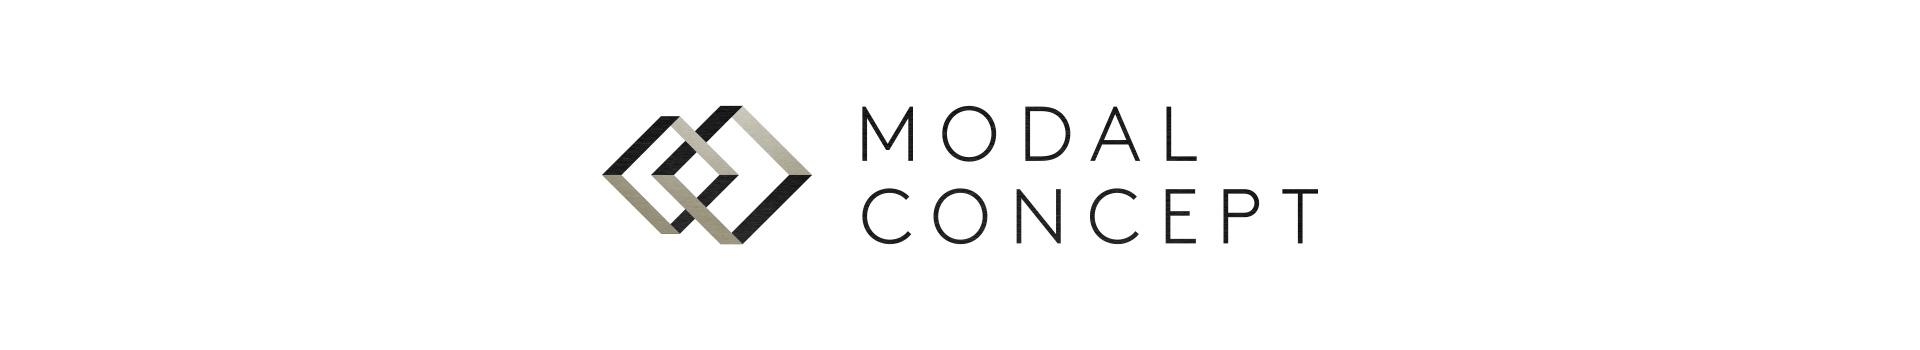 modal concept 2